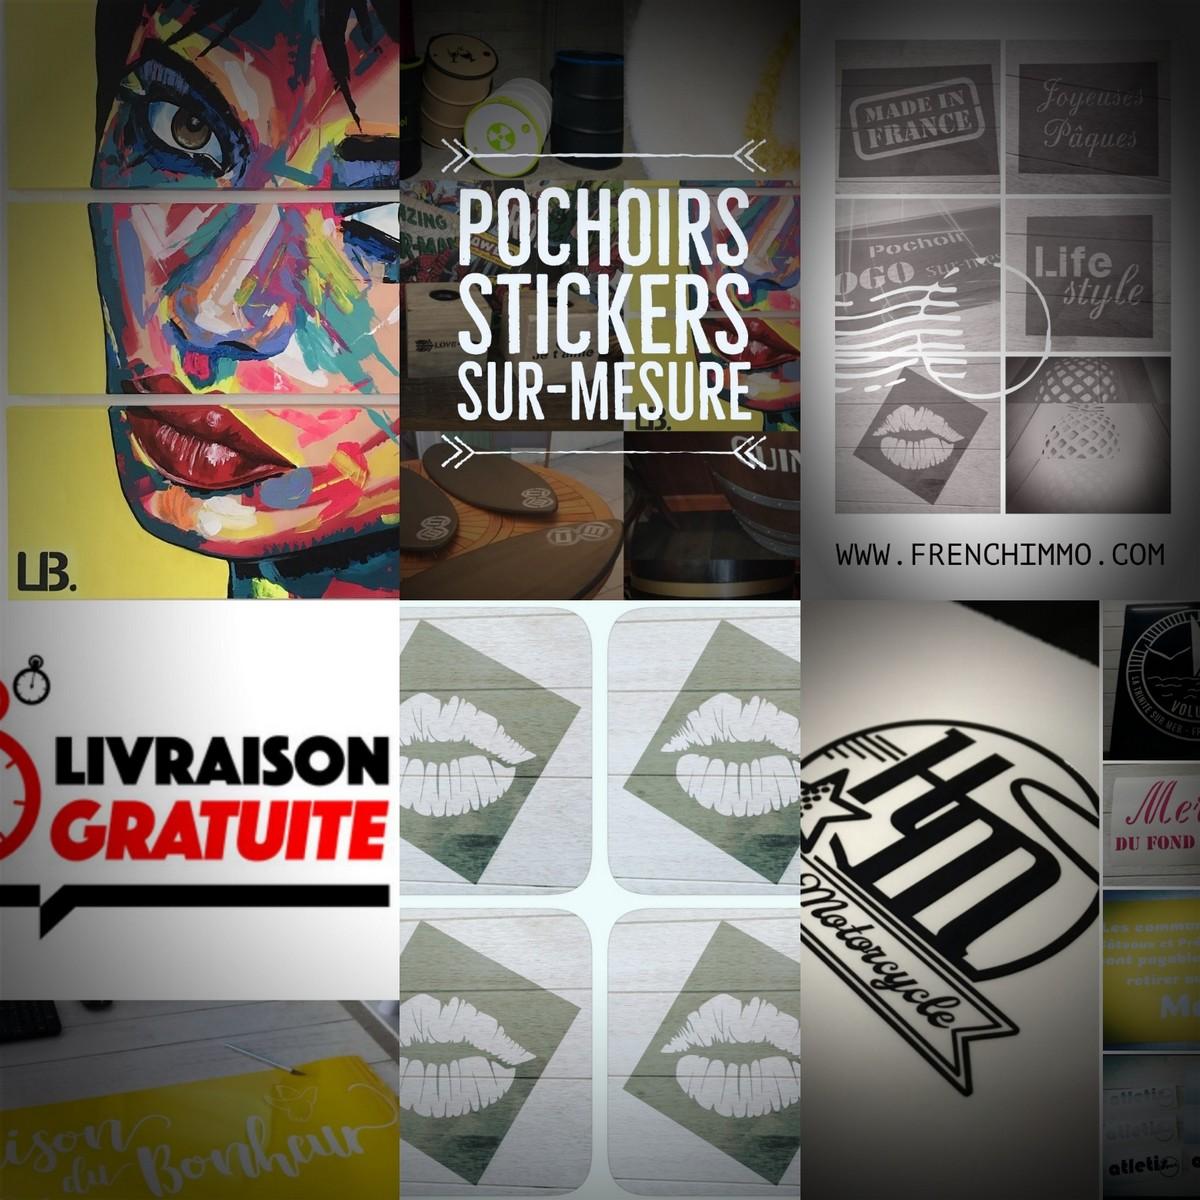 Achat en ligne de Pochoirs réutilisables, repositionnables